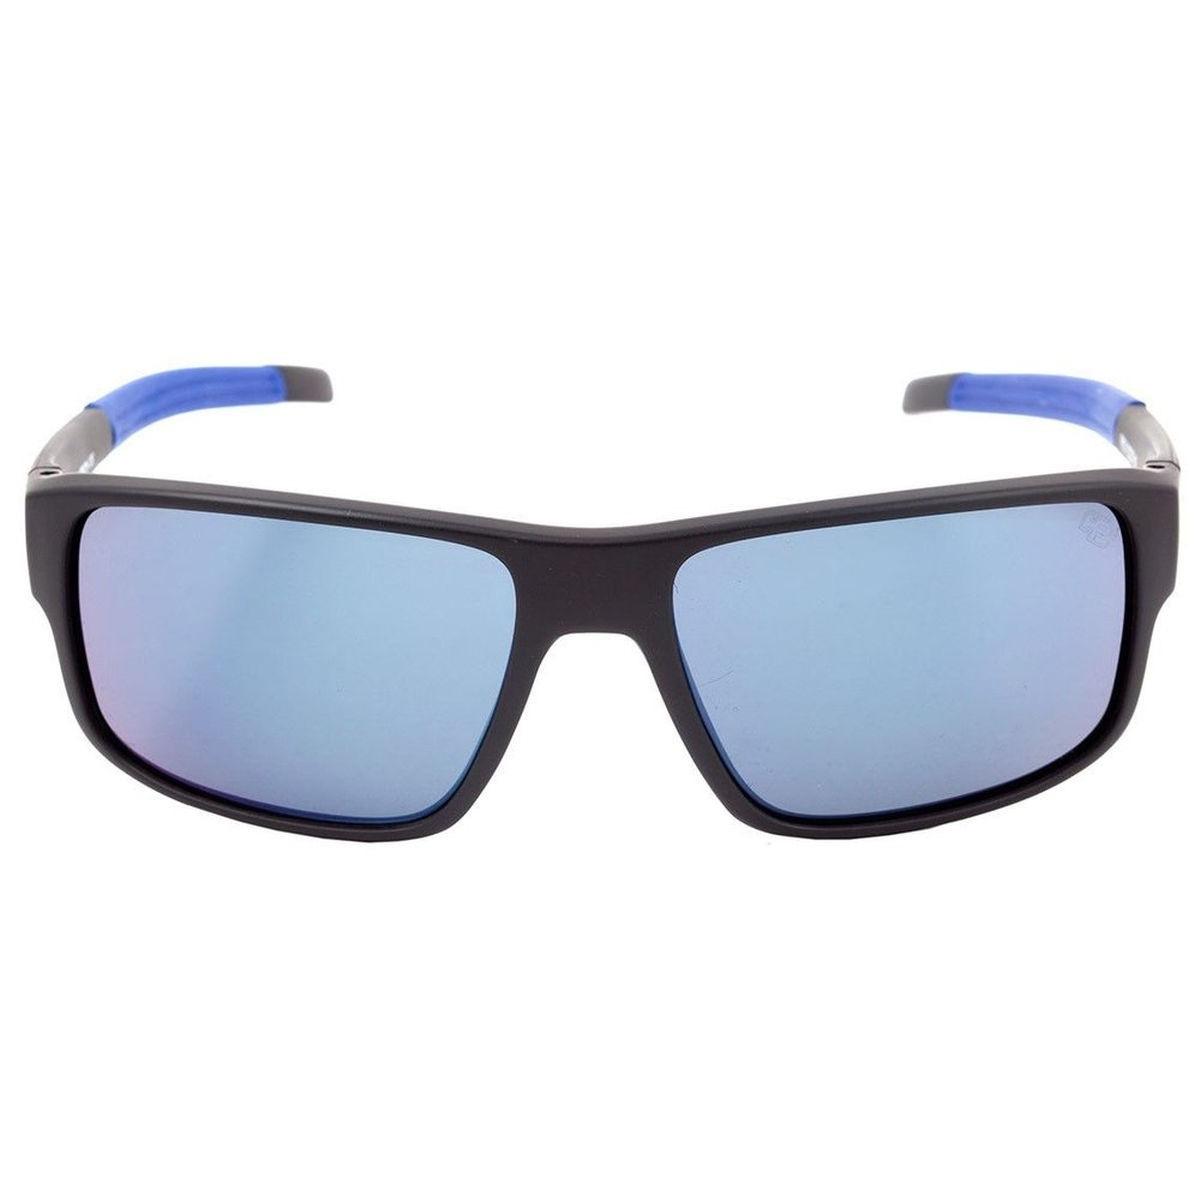 a4912ec9b5395 Oculos Sol Original Quadrado Hb Epic Preto Fosco Azul - R  232,00 em ...